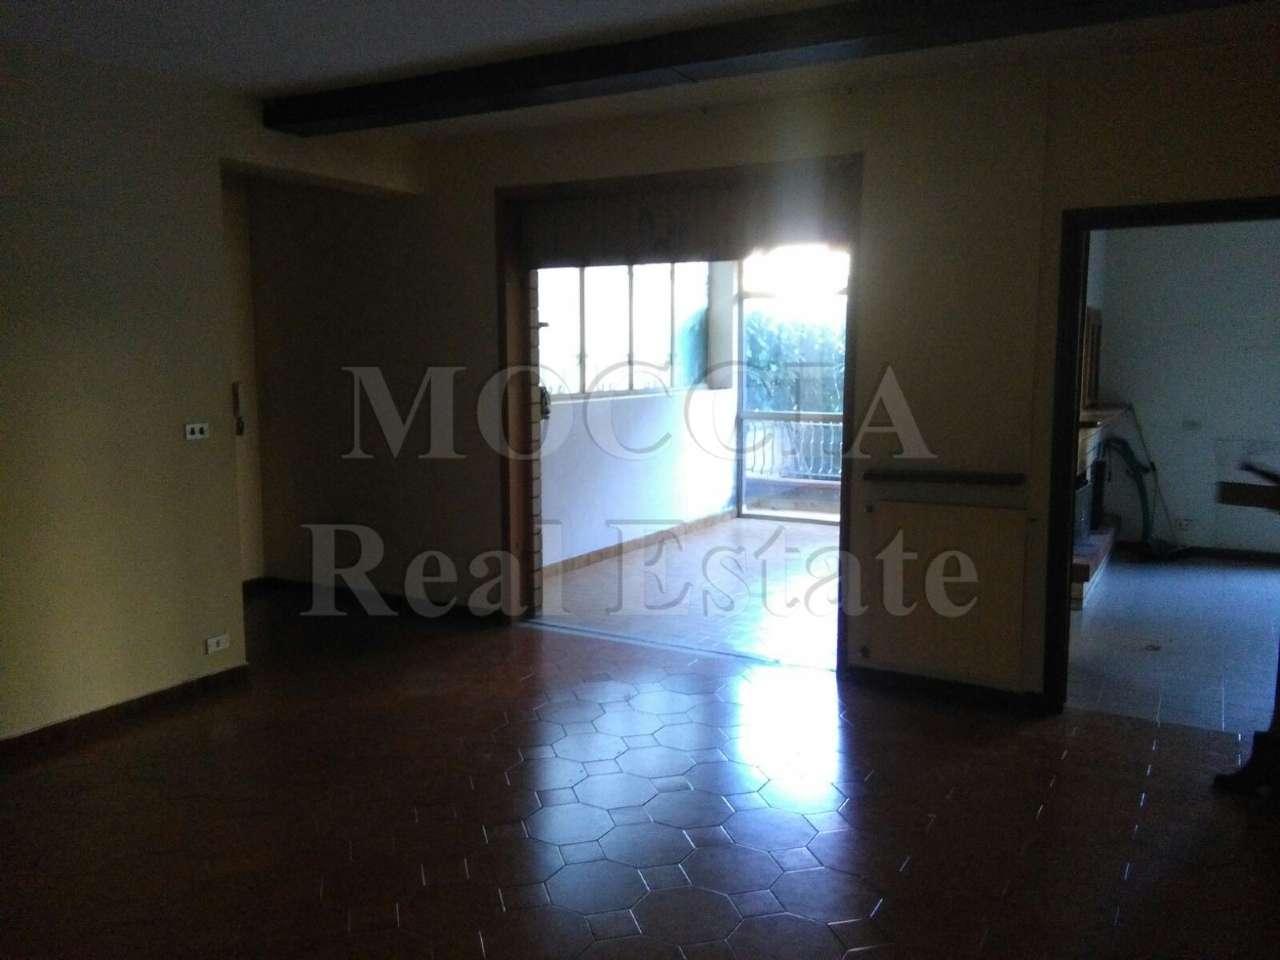 Appartamento quadrilocale in vendita a Caserta (CE)